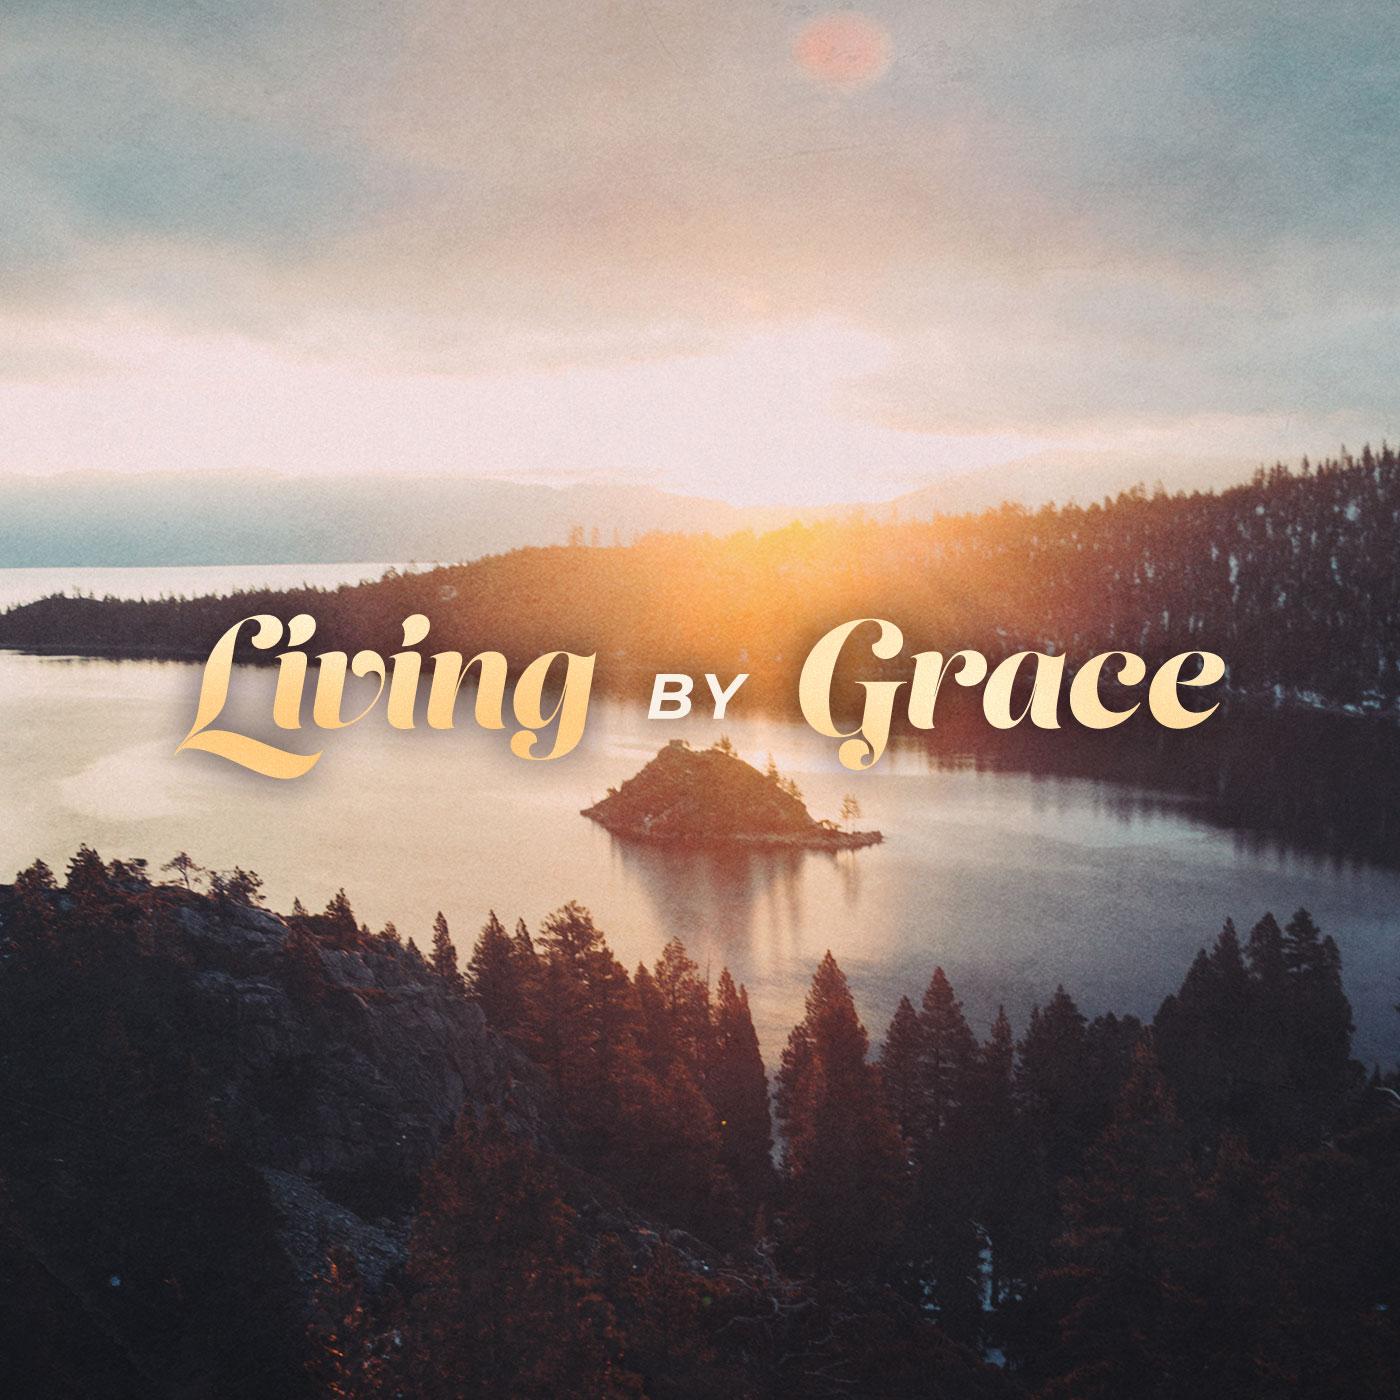 Viviendo por Gracia